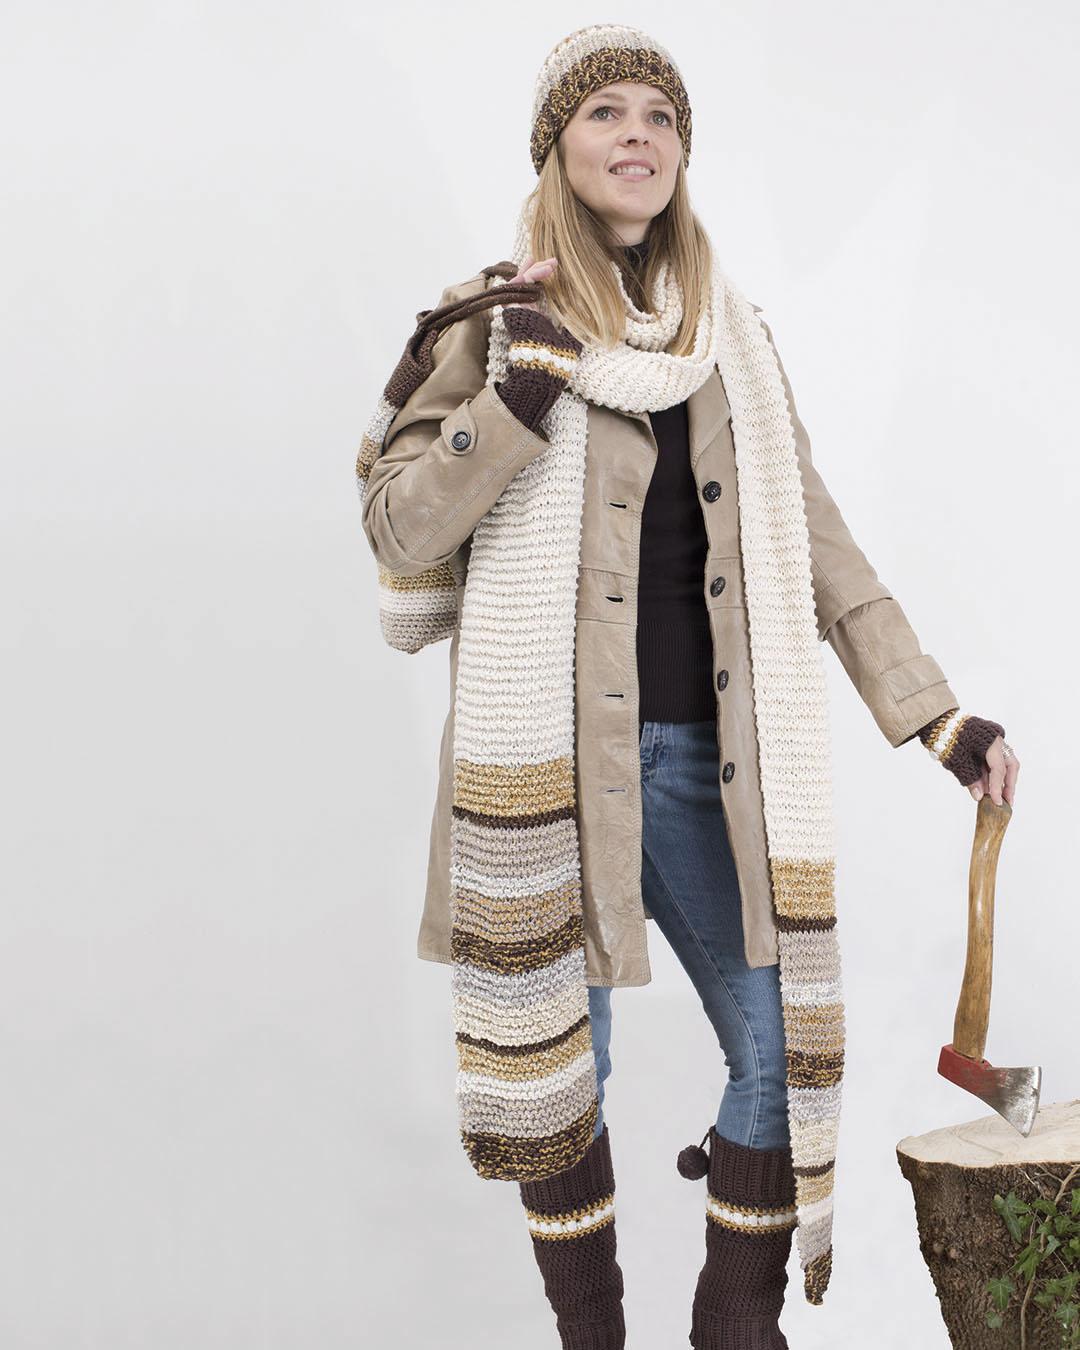 muts en sjaal, katoen, breien, gebreit, ecru, bruin, glam, glans